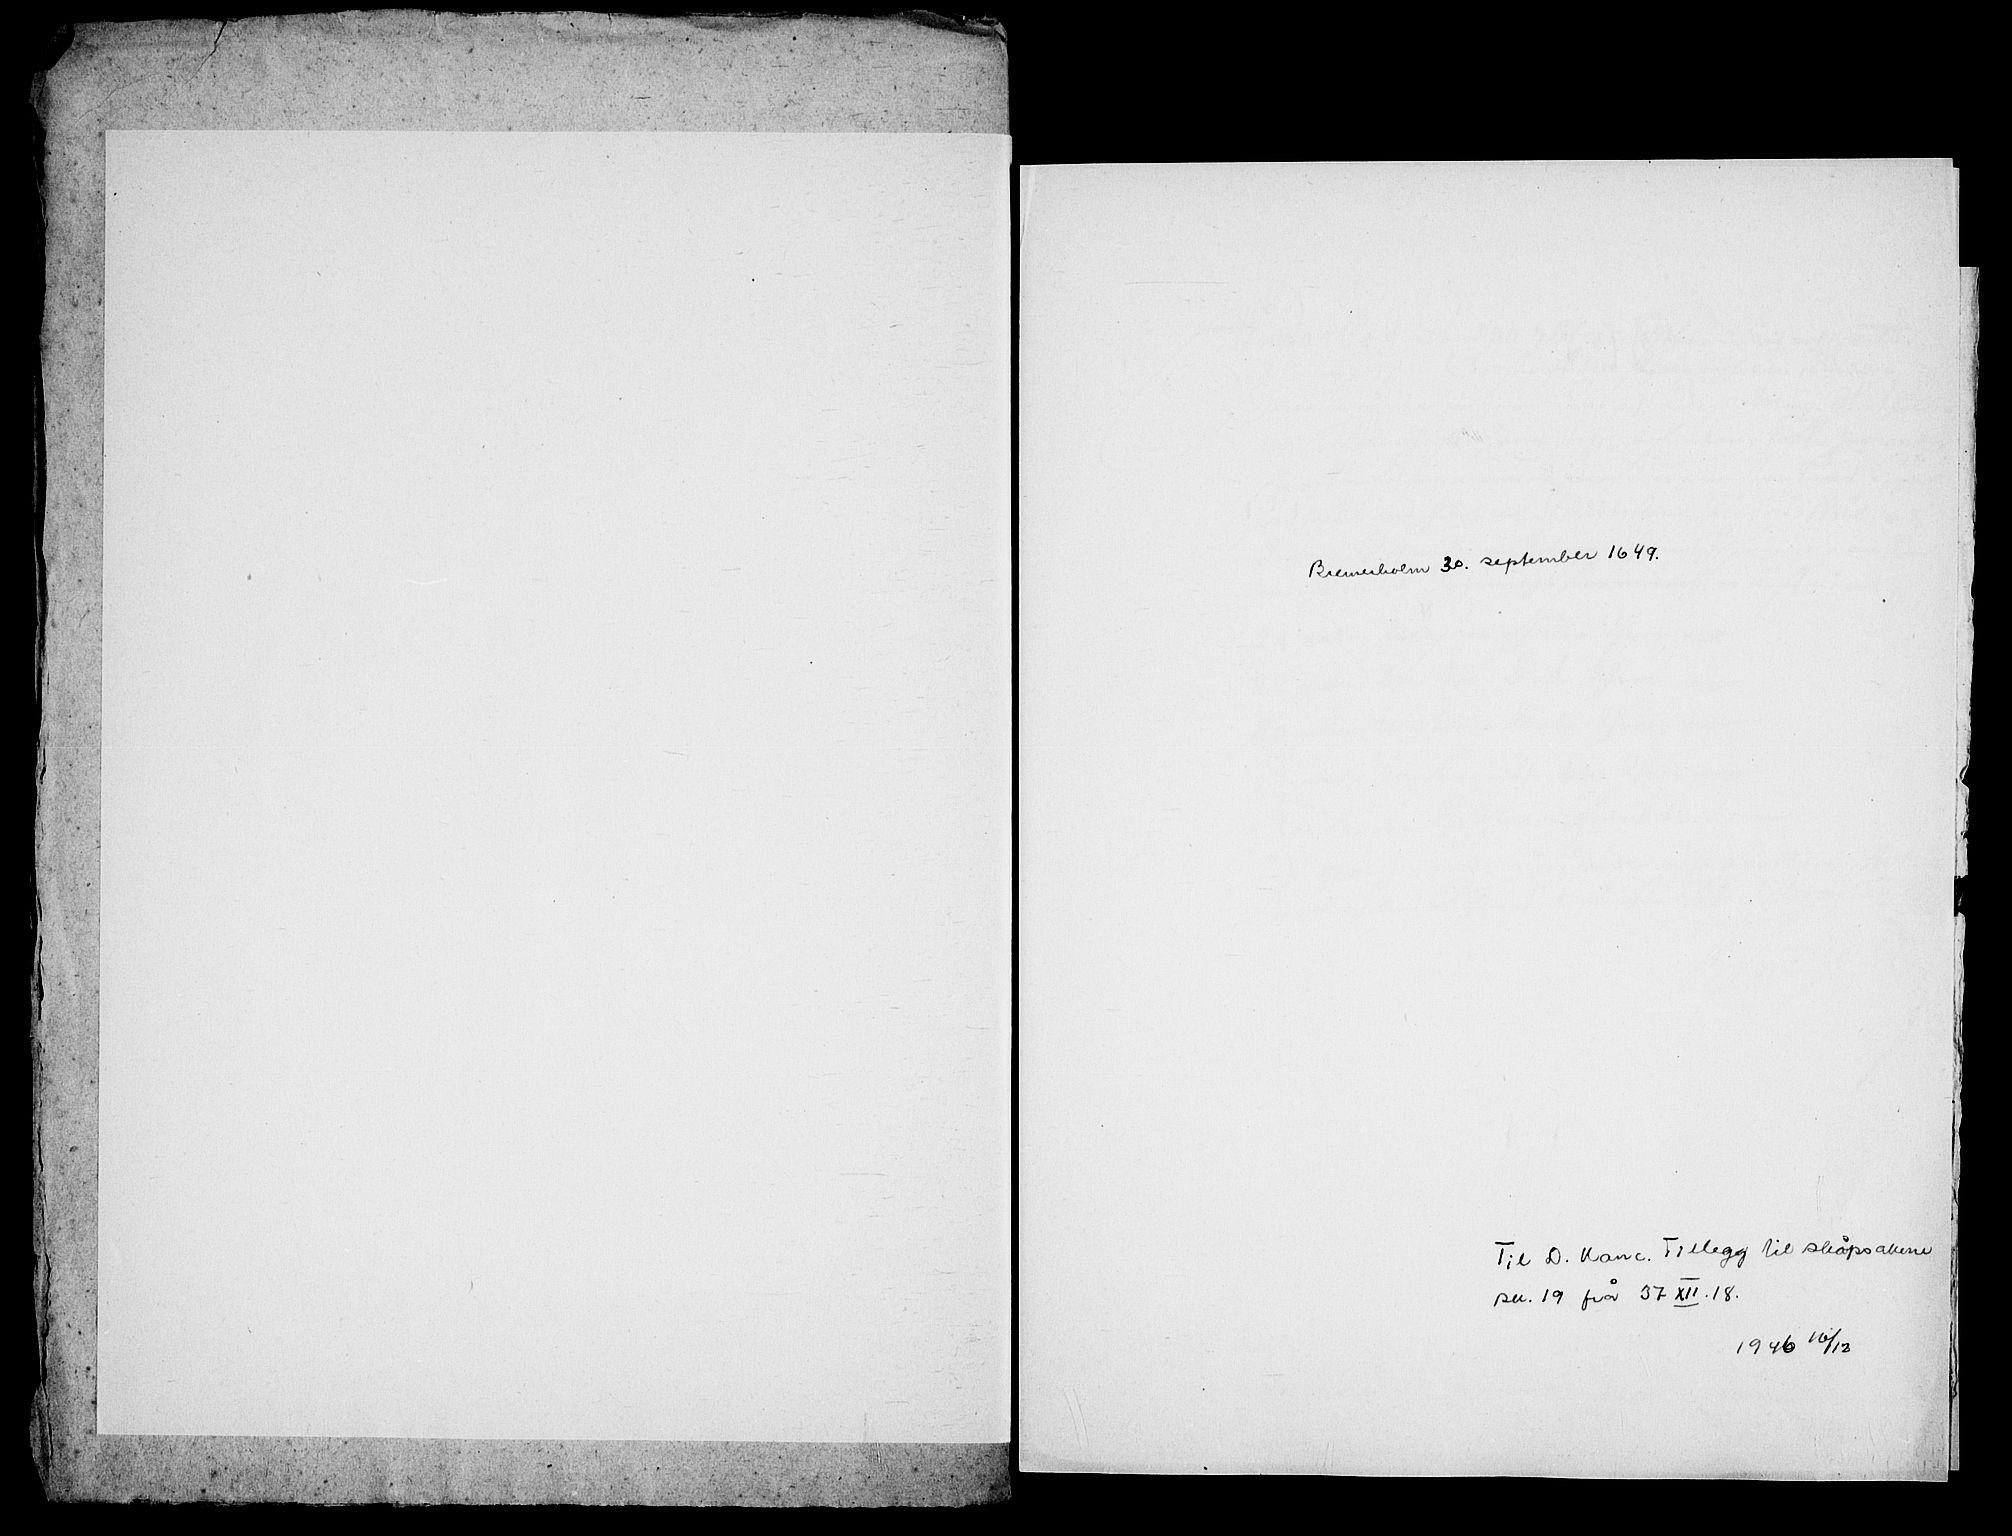 RA, Danske Kanselli, Skapsaker, G/L0019: Tillegg til skapsakene, 1616-1753, p. 135